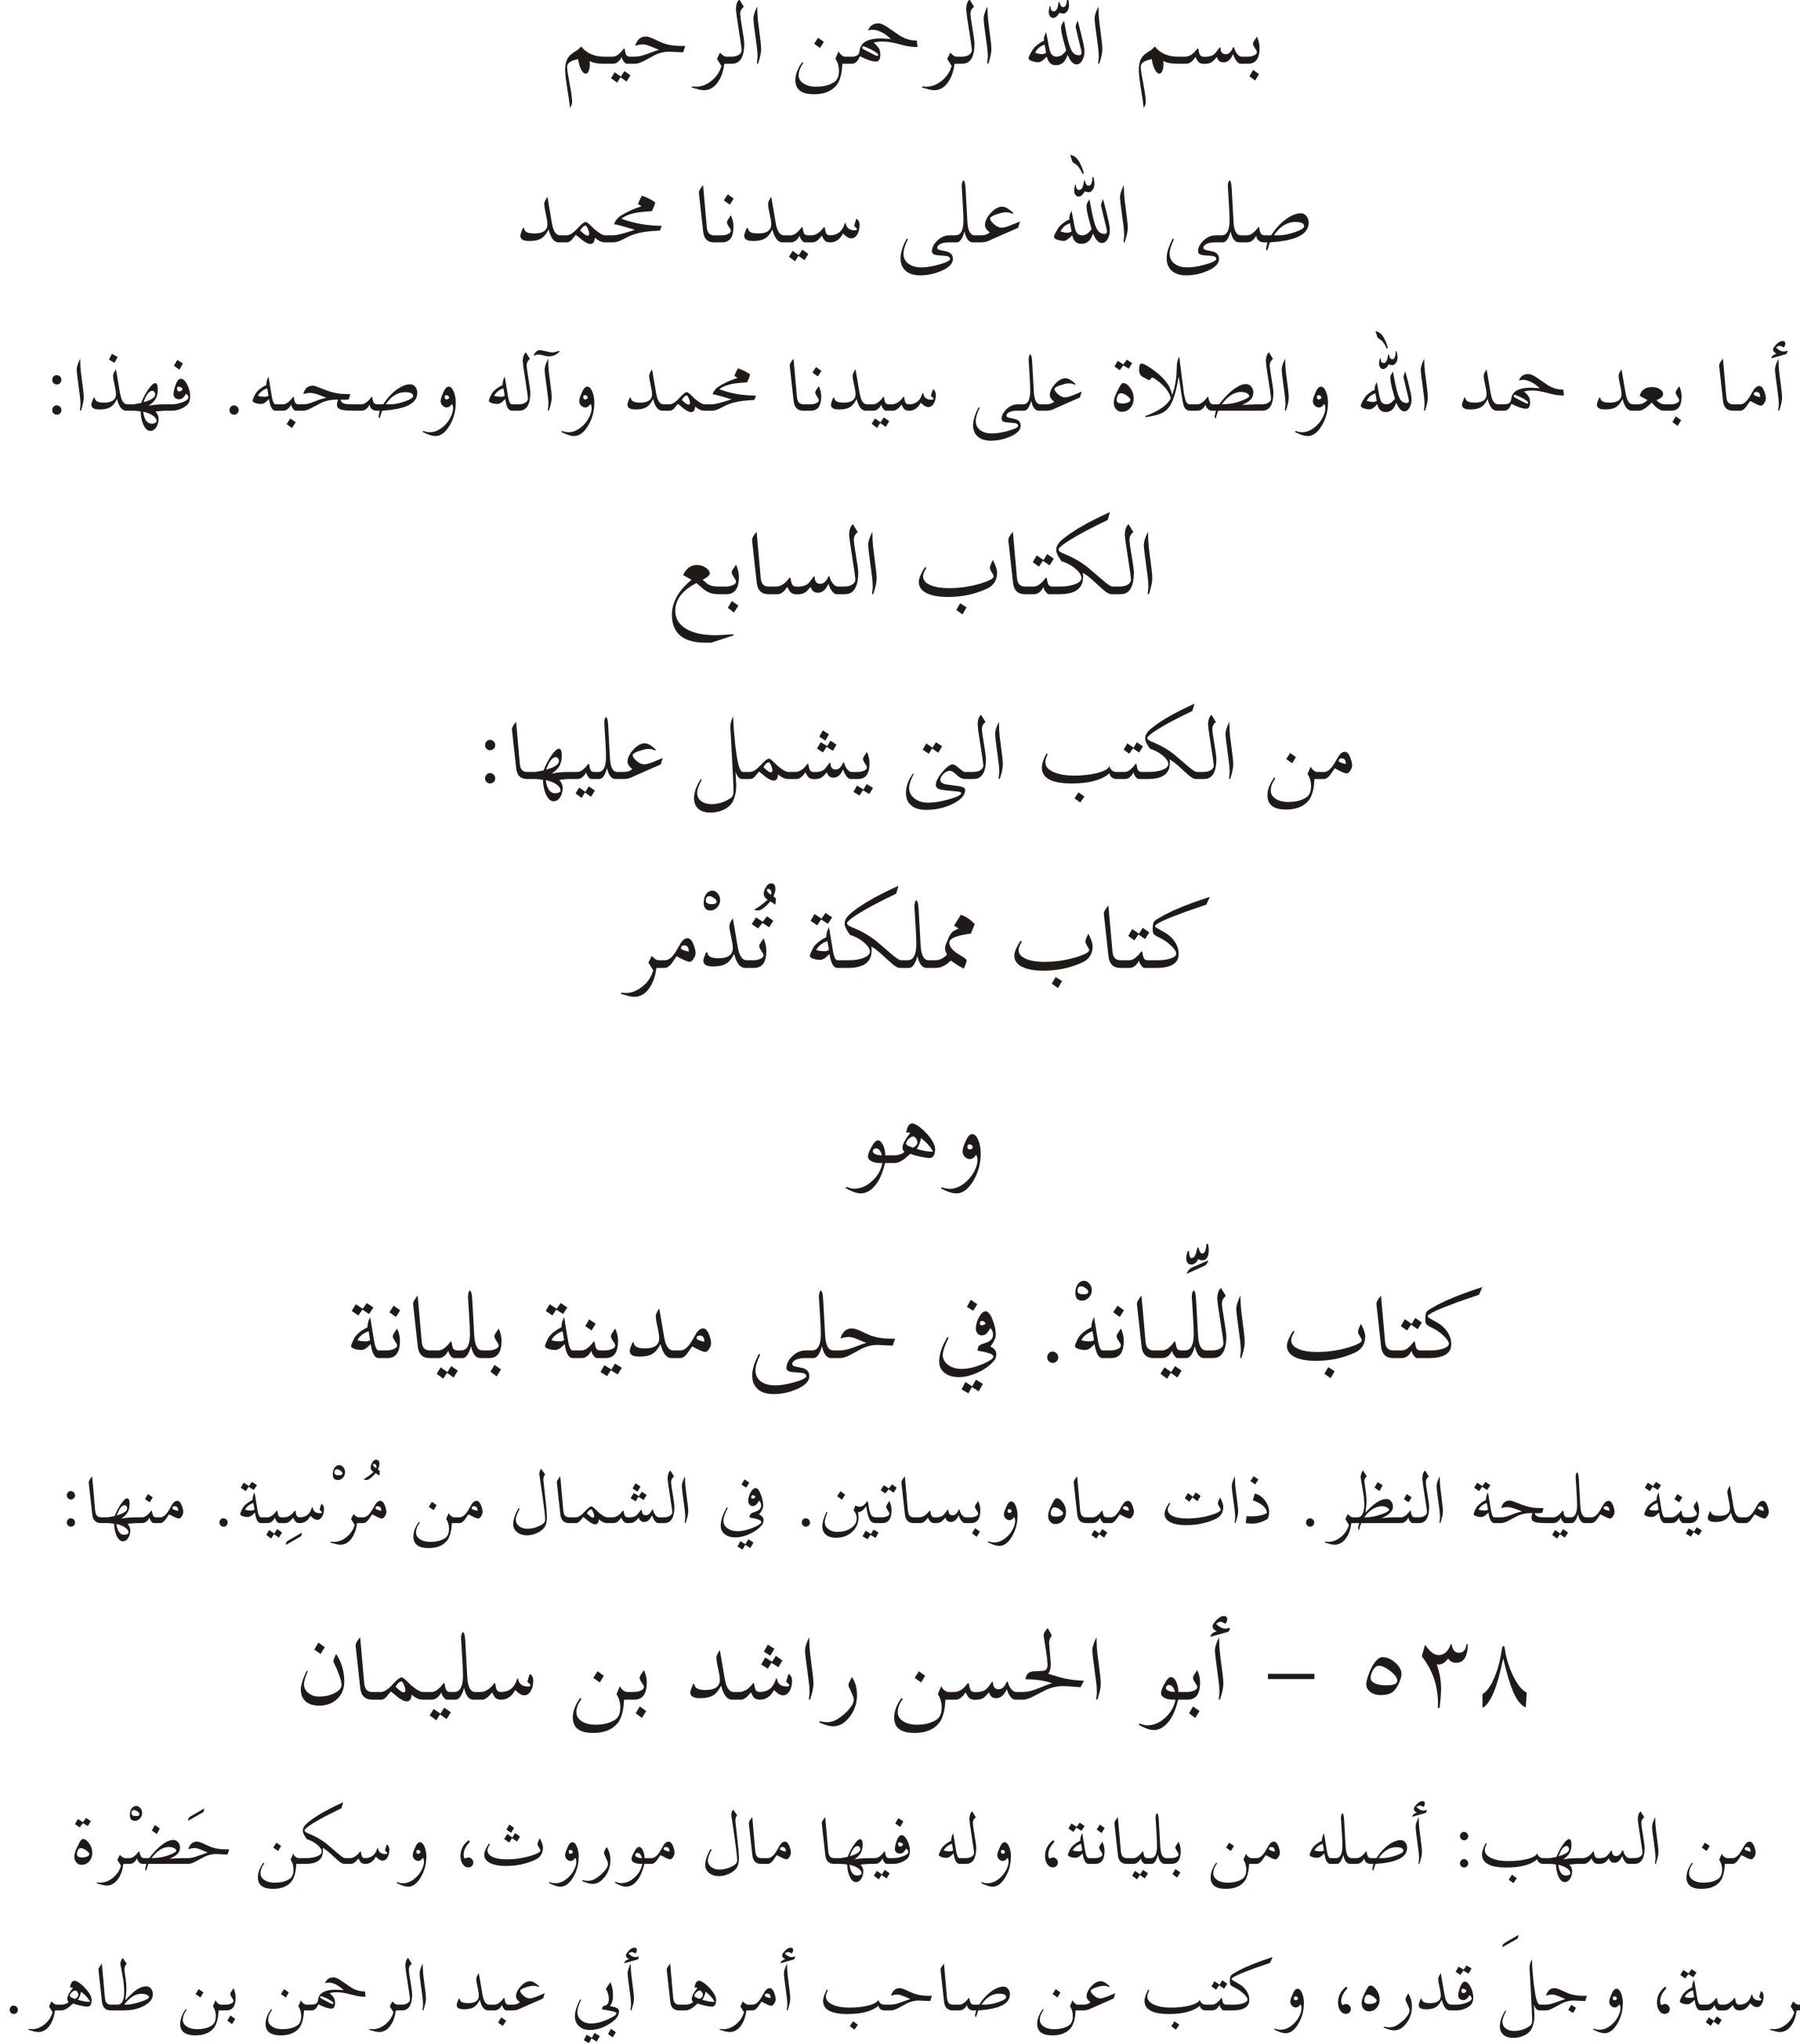 said al maghribi